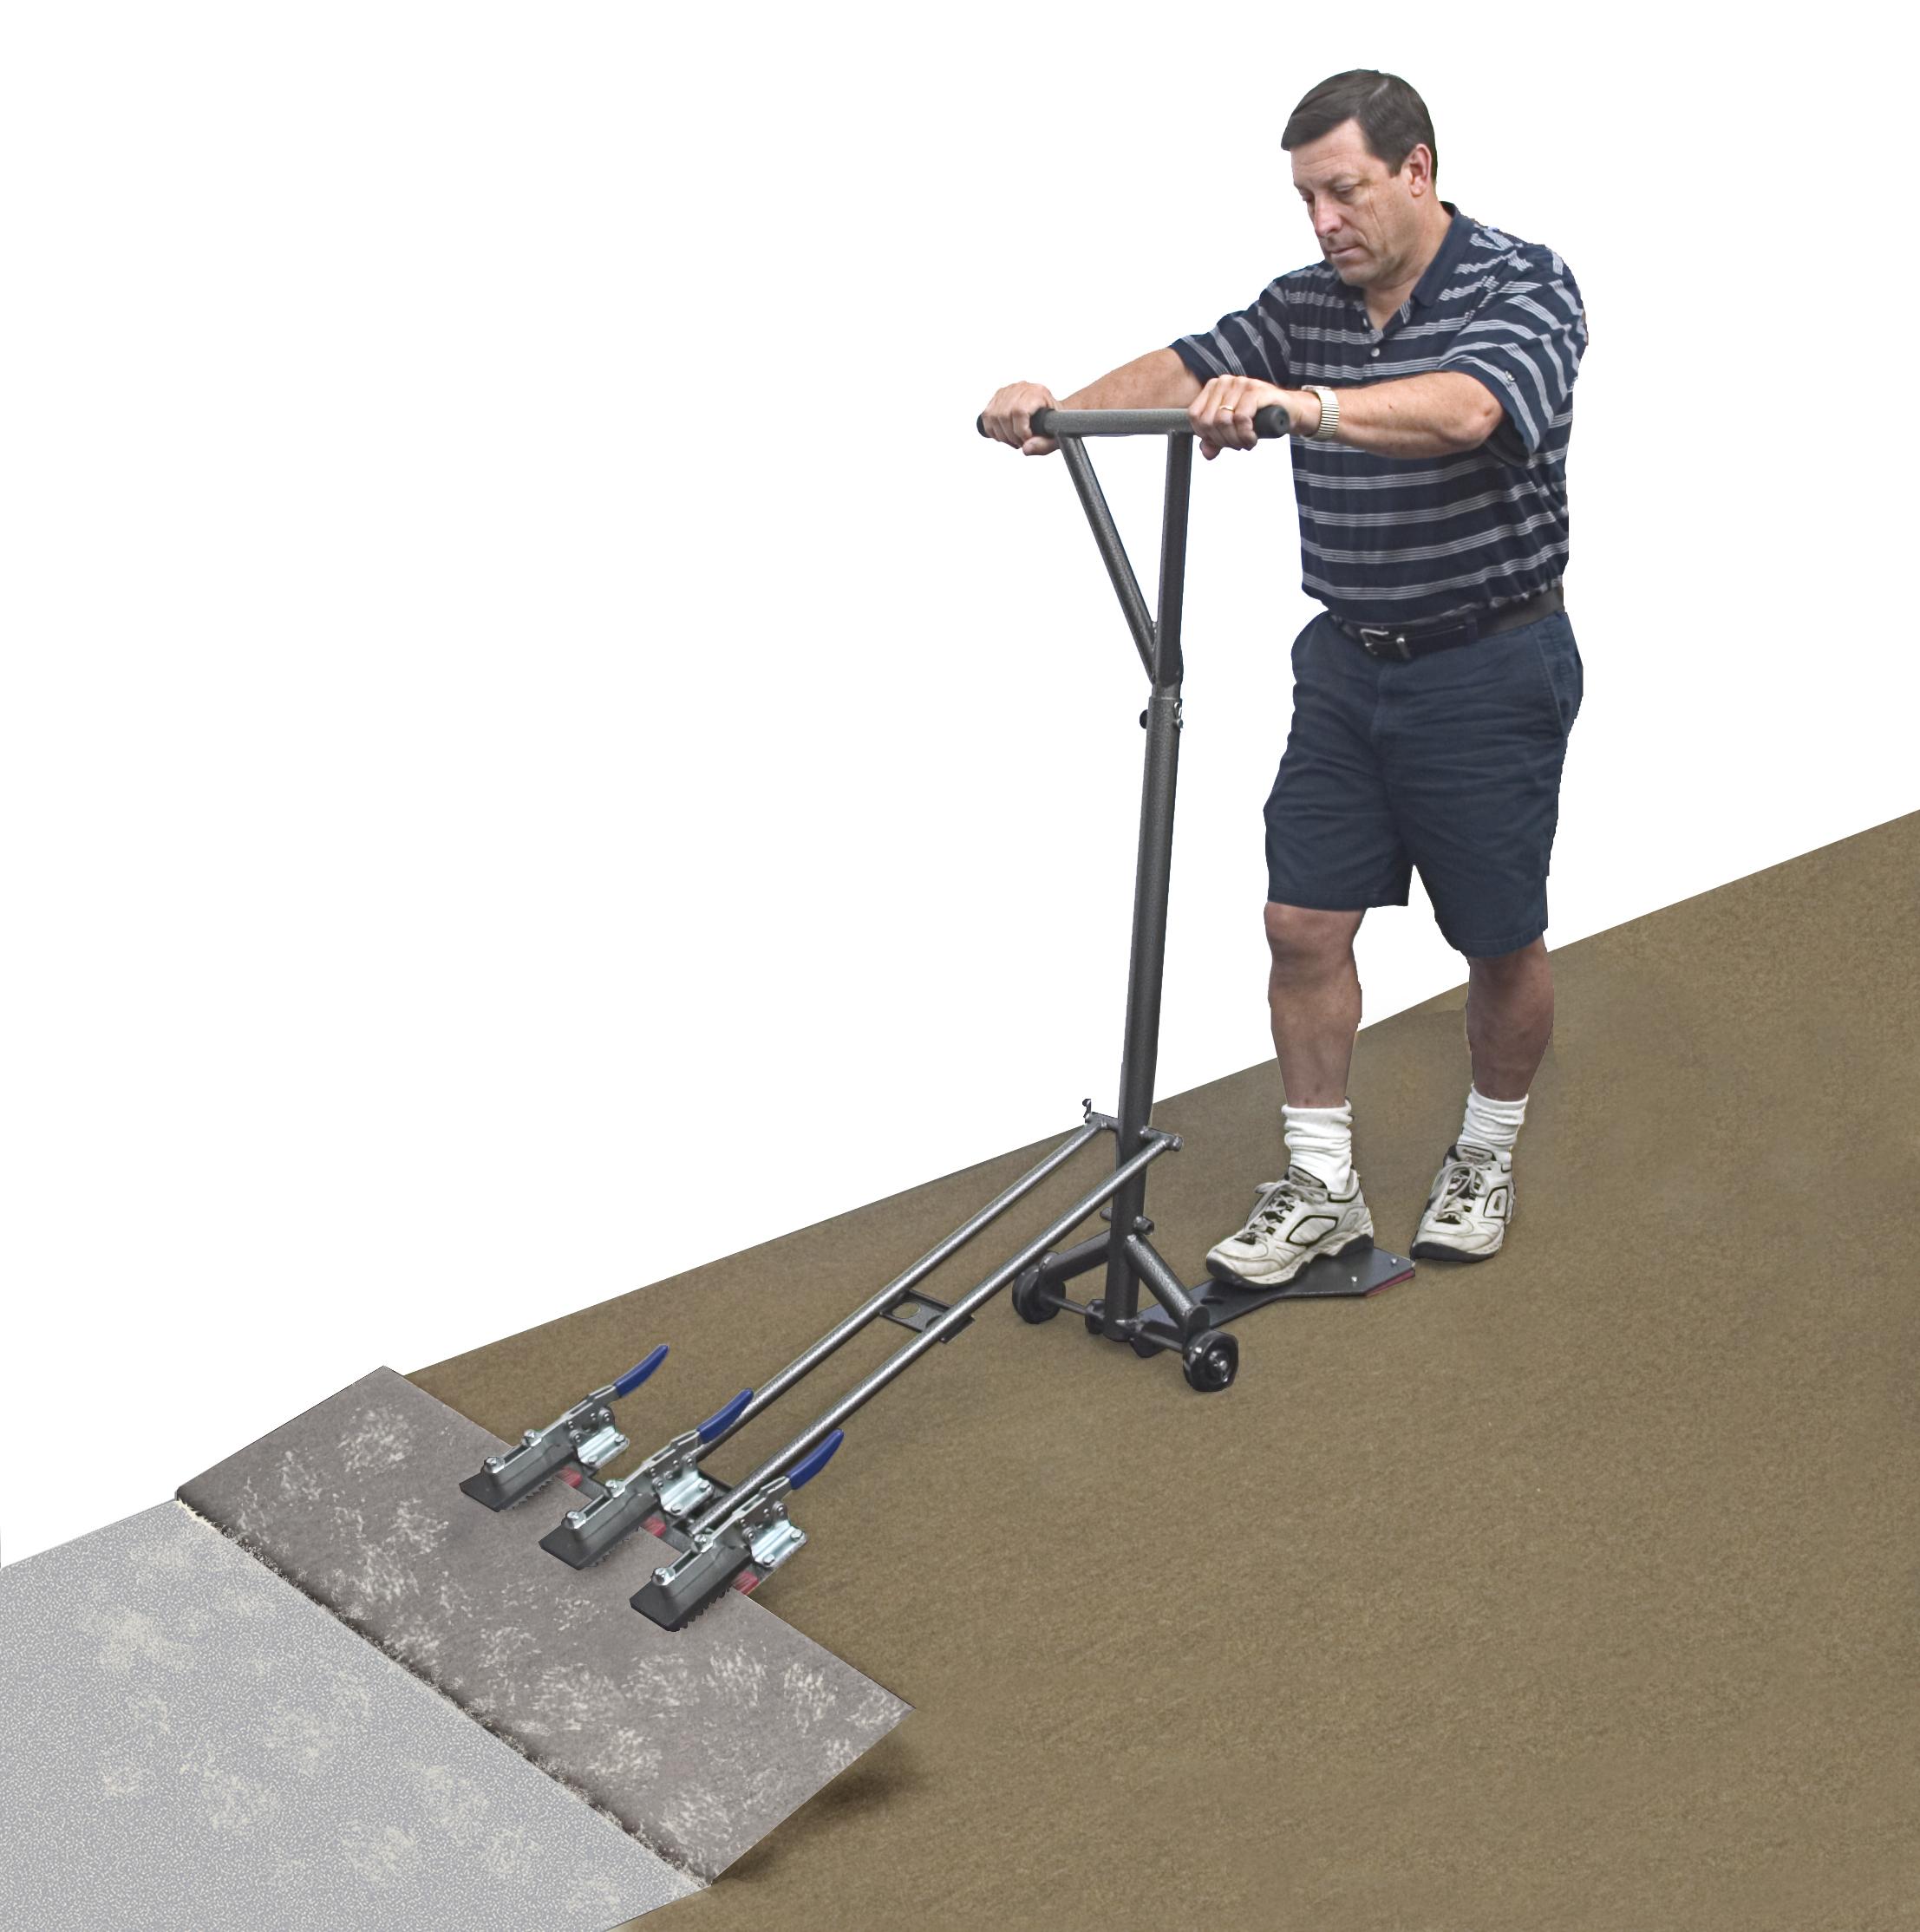 Carpet Removal Tools Carpet Vidalondon